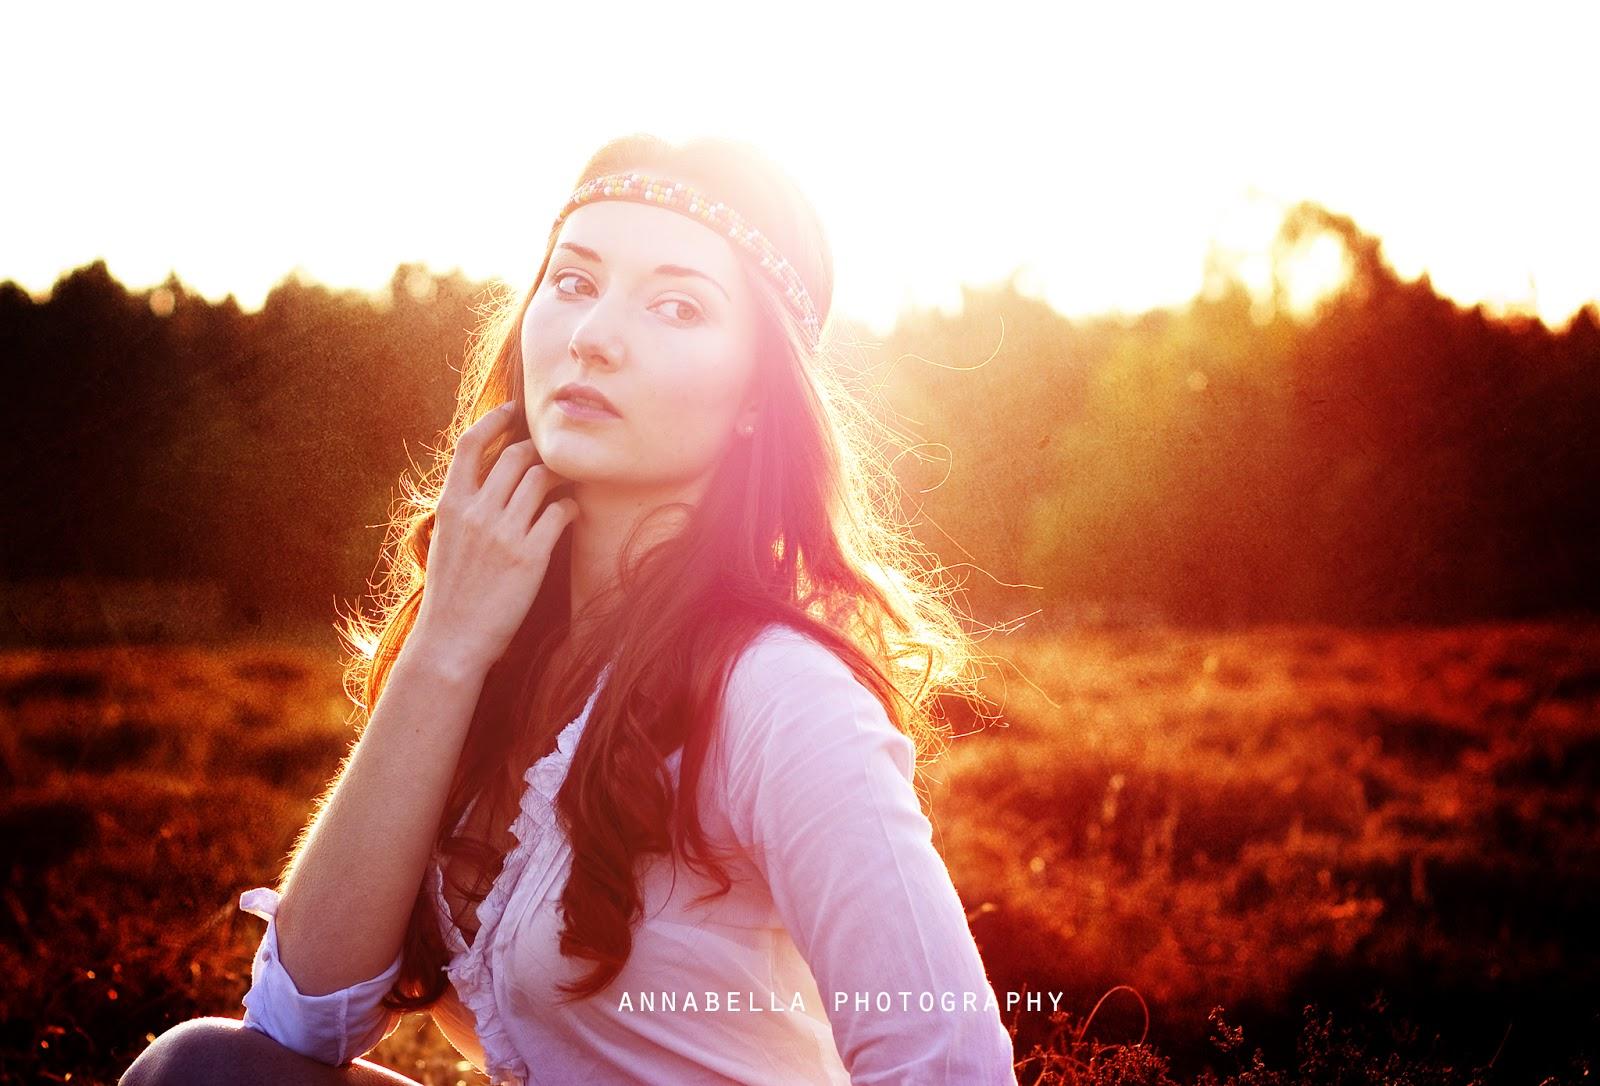 http://4.bp.blogspot.com/-g6Bj2EBO82s/U44Ffa-M4LI/AAAAAAAAAjA/uDOT-a4gRRQ/s1600/b3.jpg